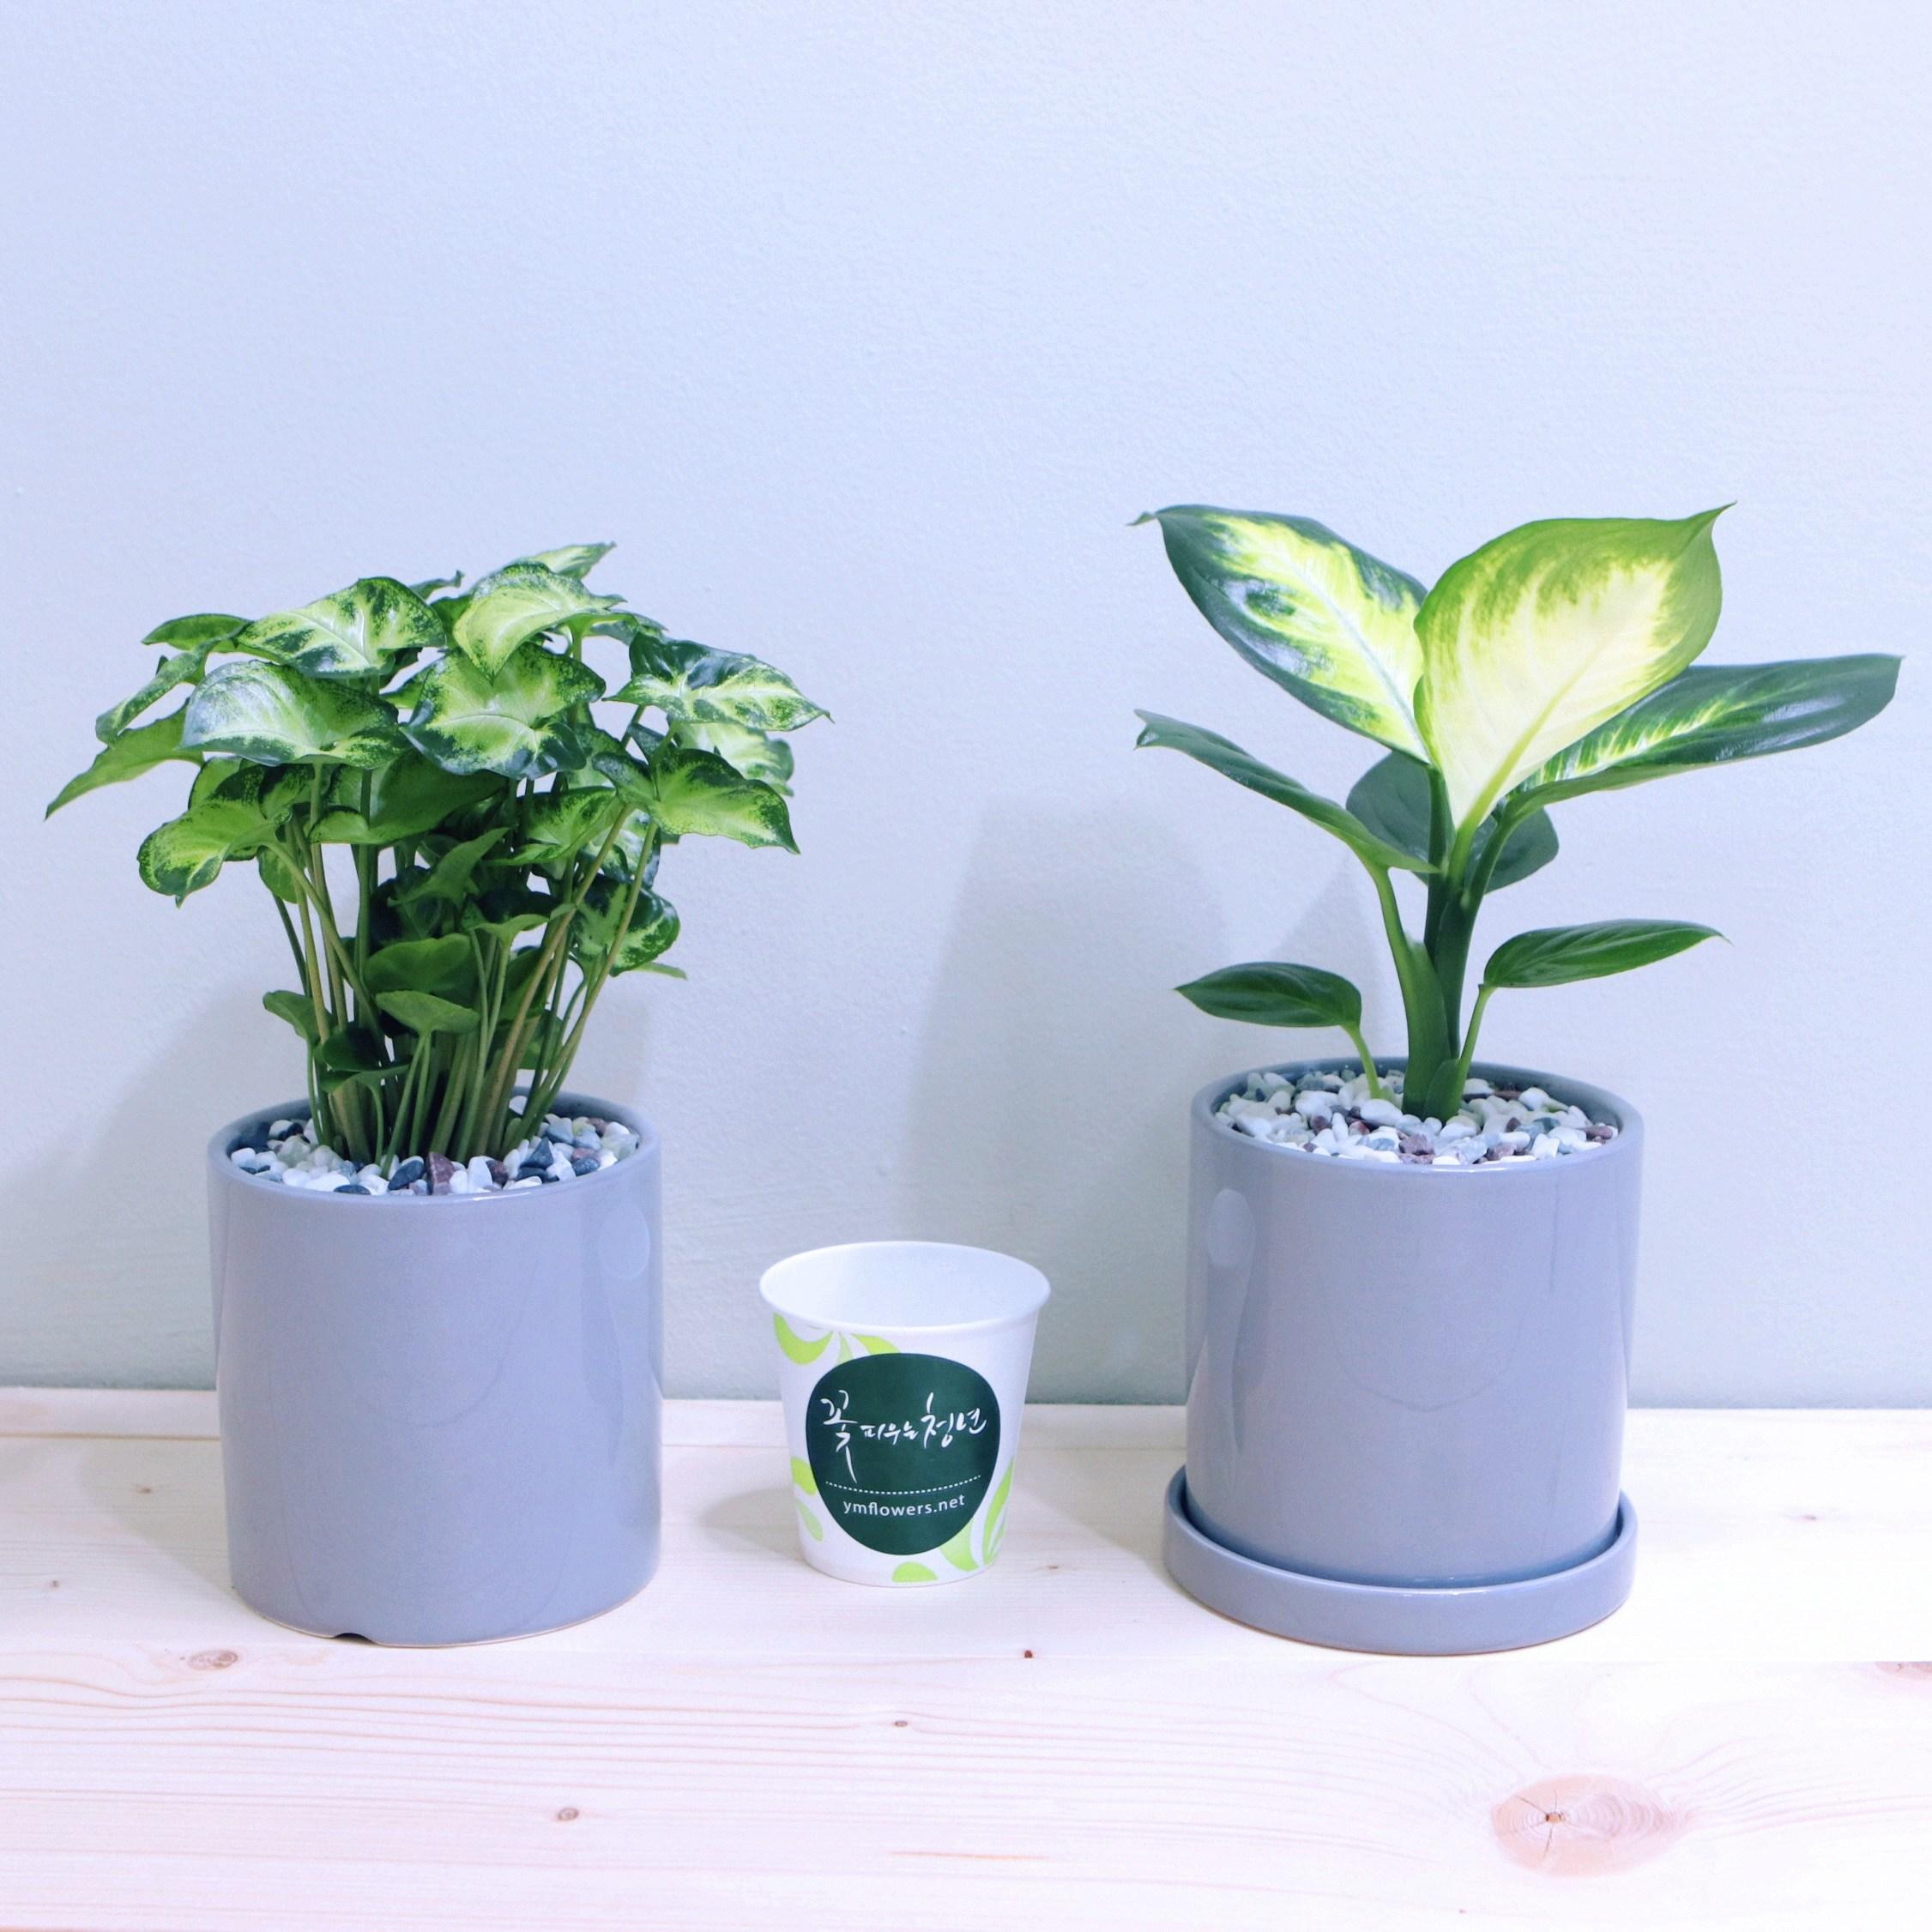 꽃피우는청년 새집증후군 제거 실내공기정화식물 2종 세트 (마리안느 싱고니움), 유광 원형 그레이